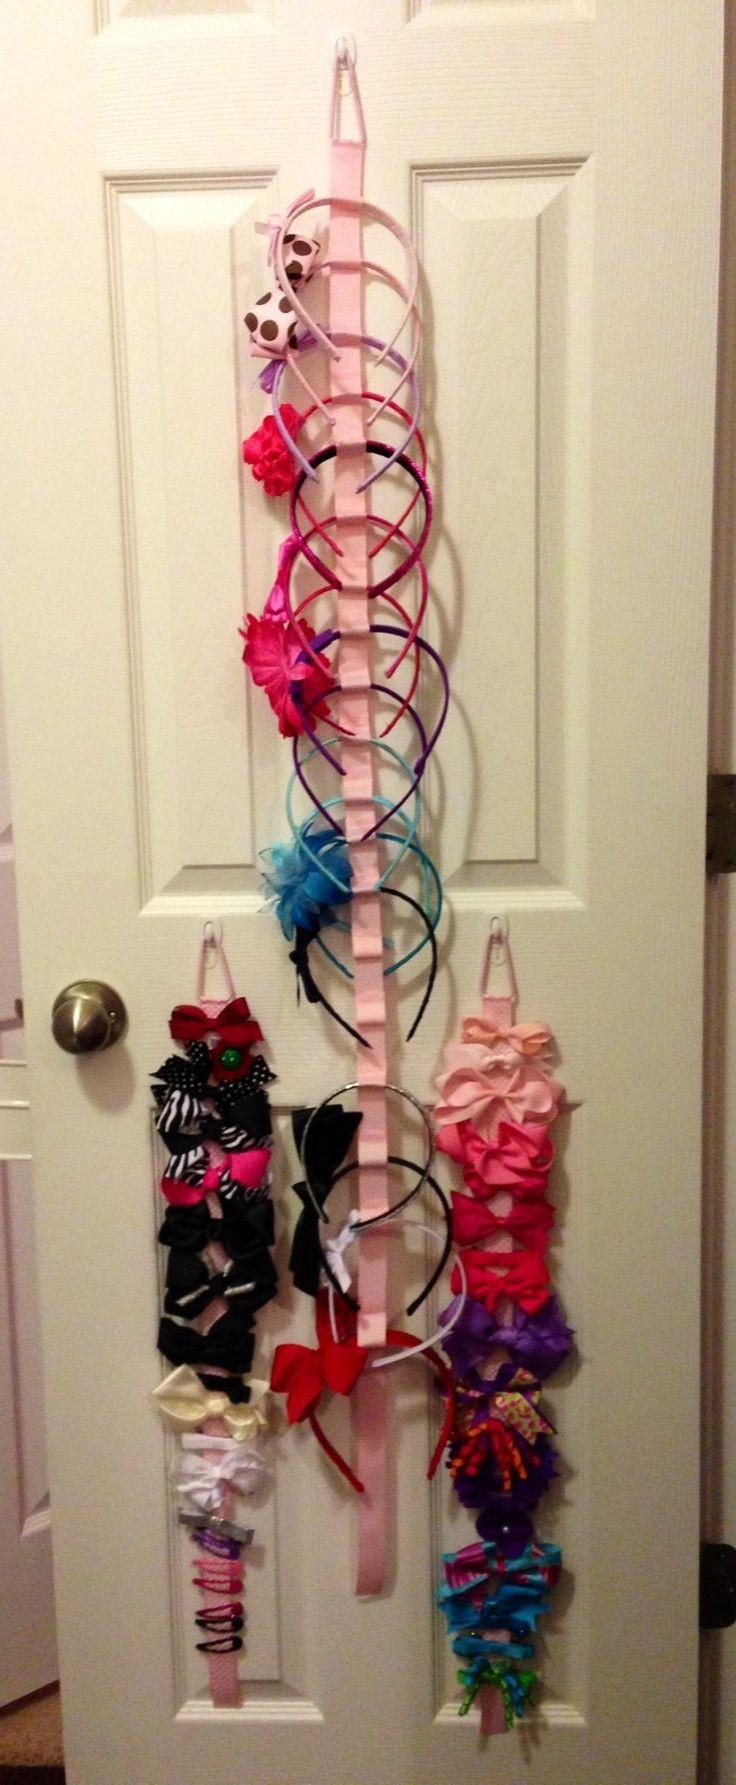 Best ideas about Hair Accessories Organizer DIY . Save or Pin Hair Accessory Organizer DIY Craftwork Now.